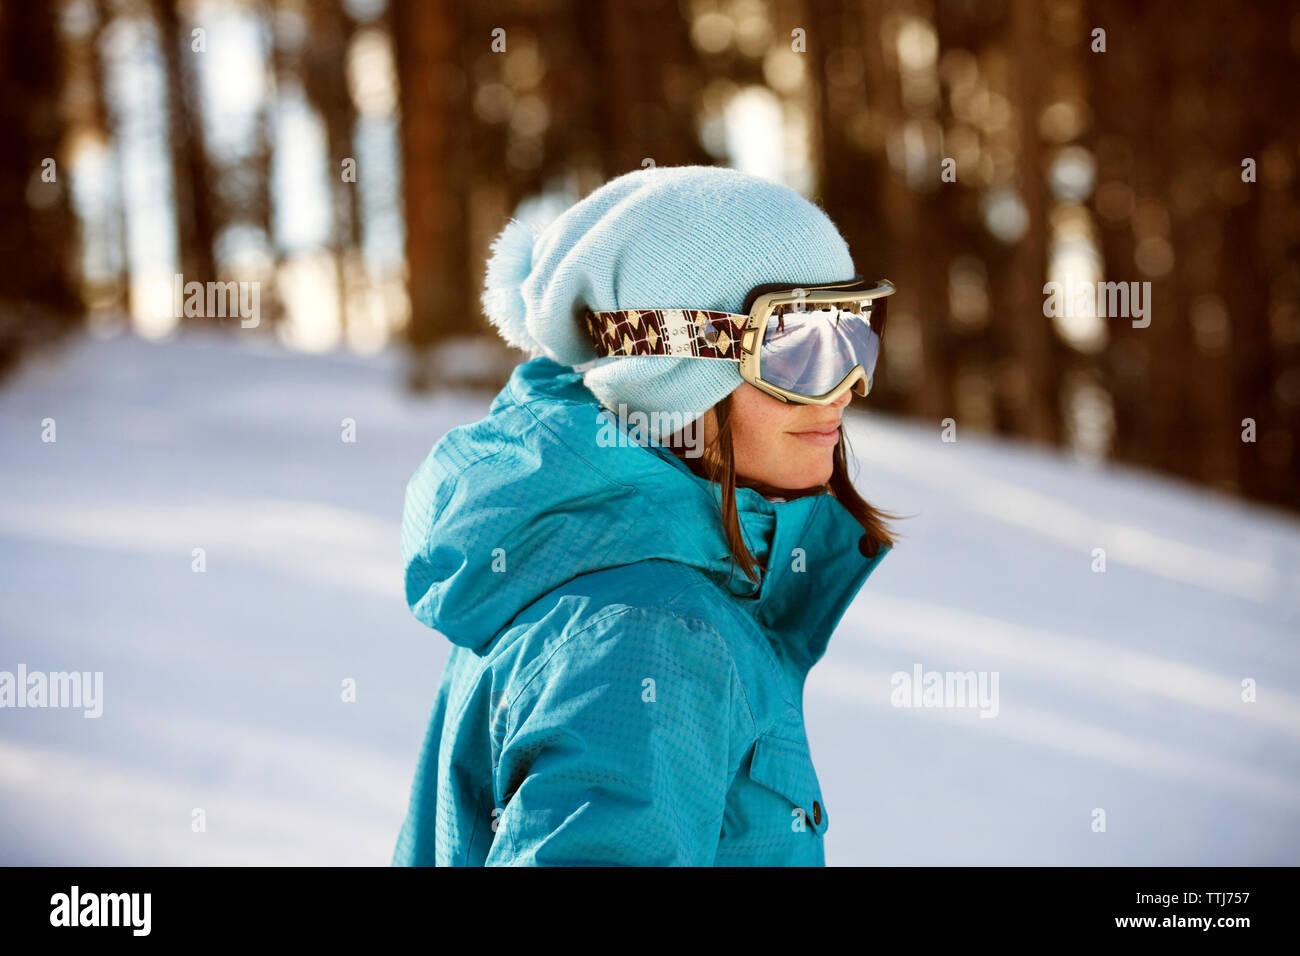 Donna che indossa gli occhiali da sci in piedi sul campo nevoso Immagini Stock